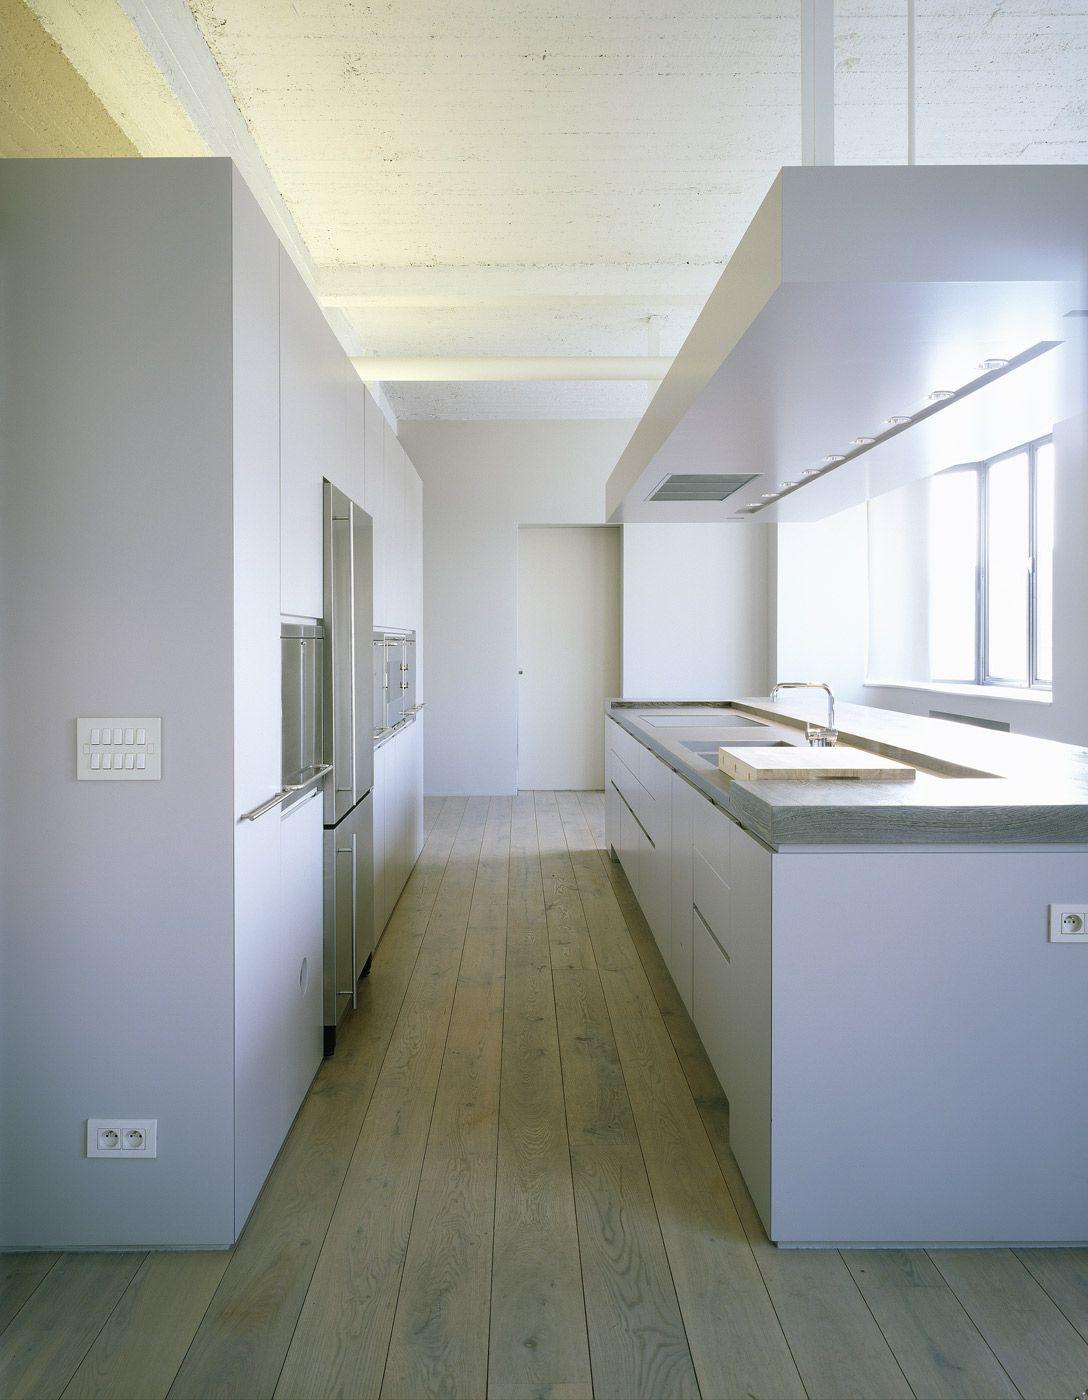 Google afbeeldingen resultaat voor - Moderne keuken deco keuken ...